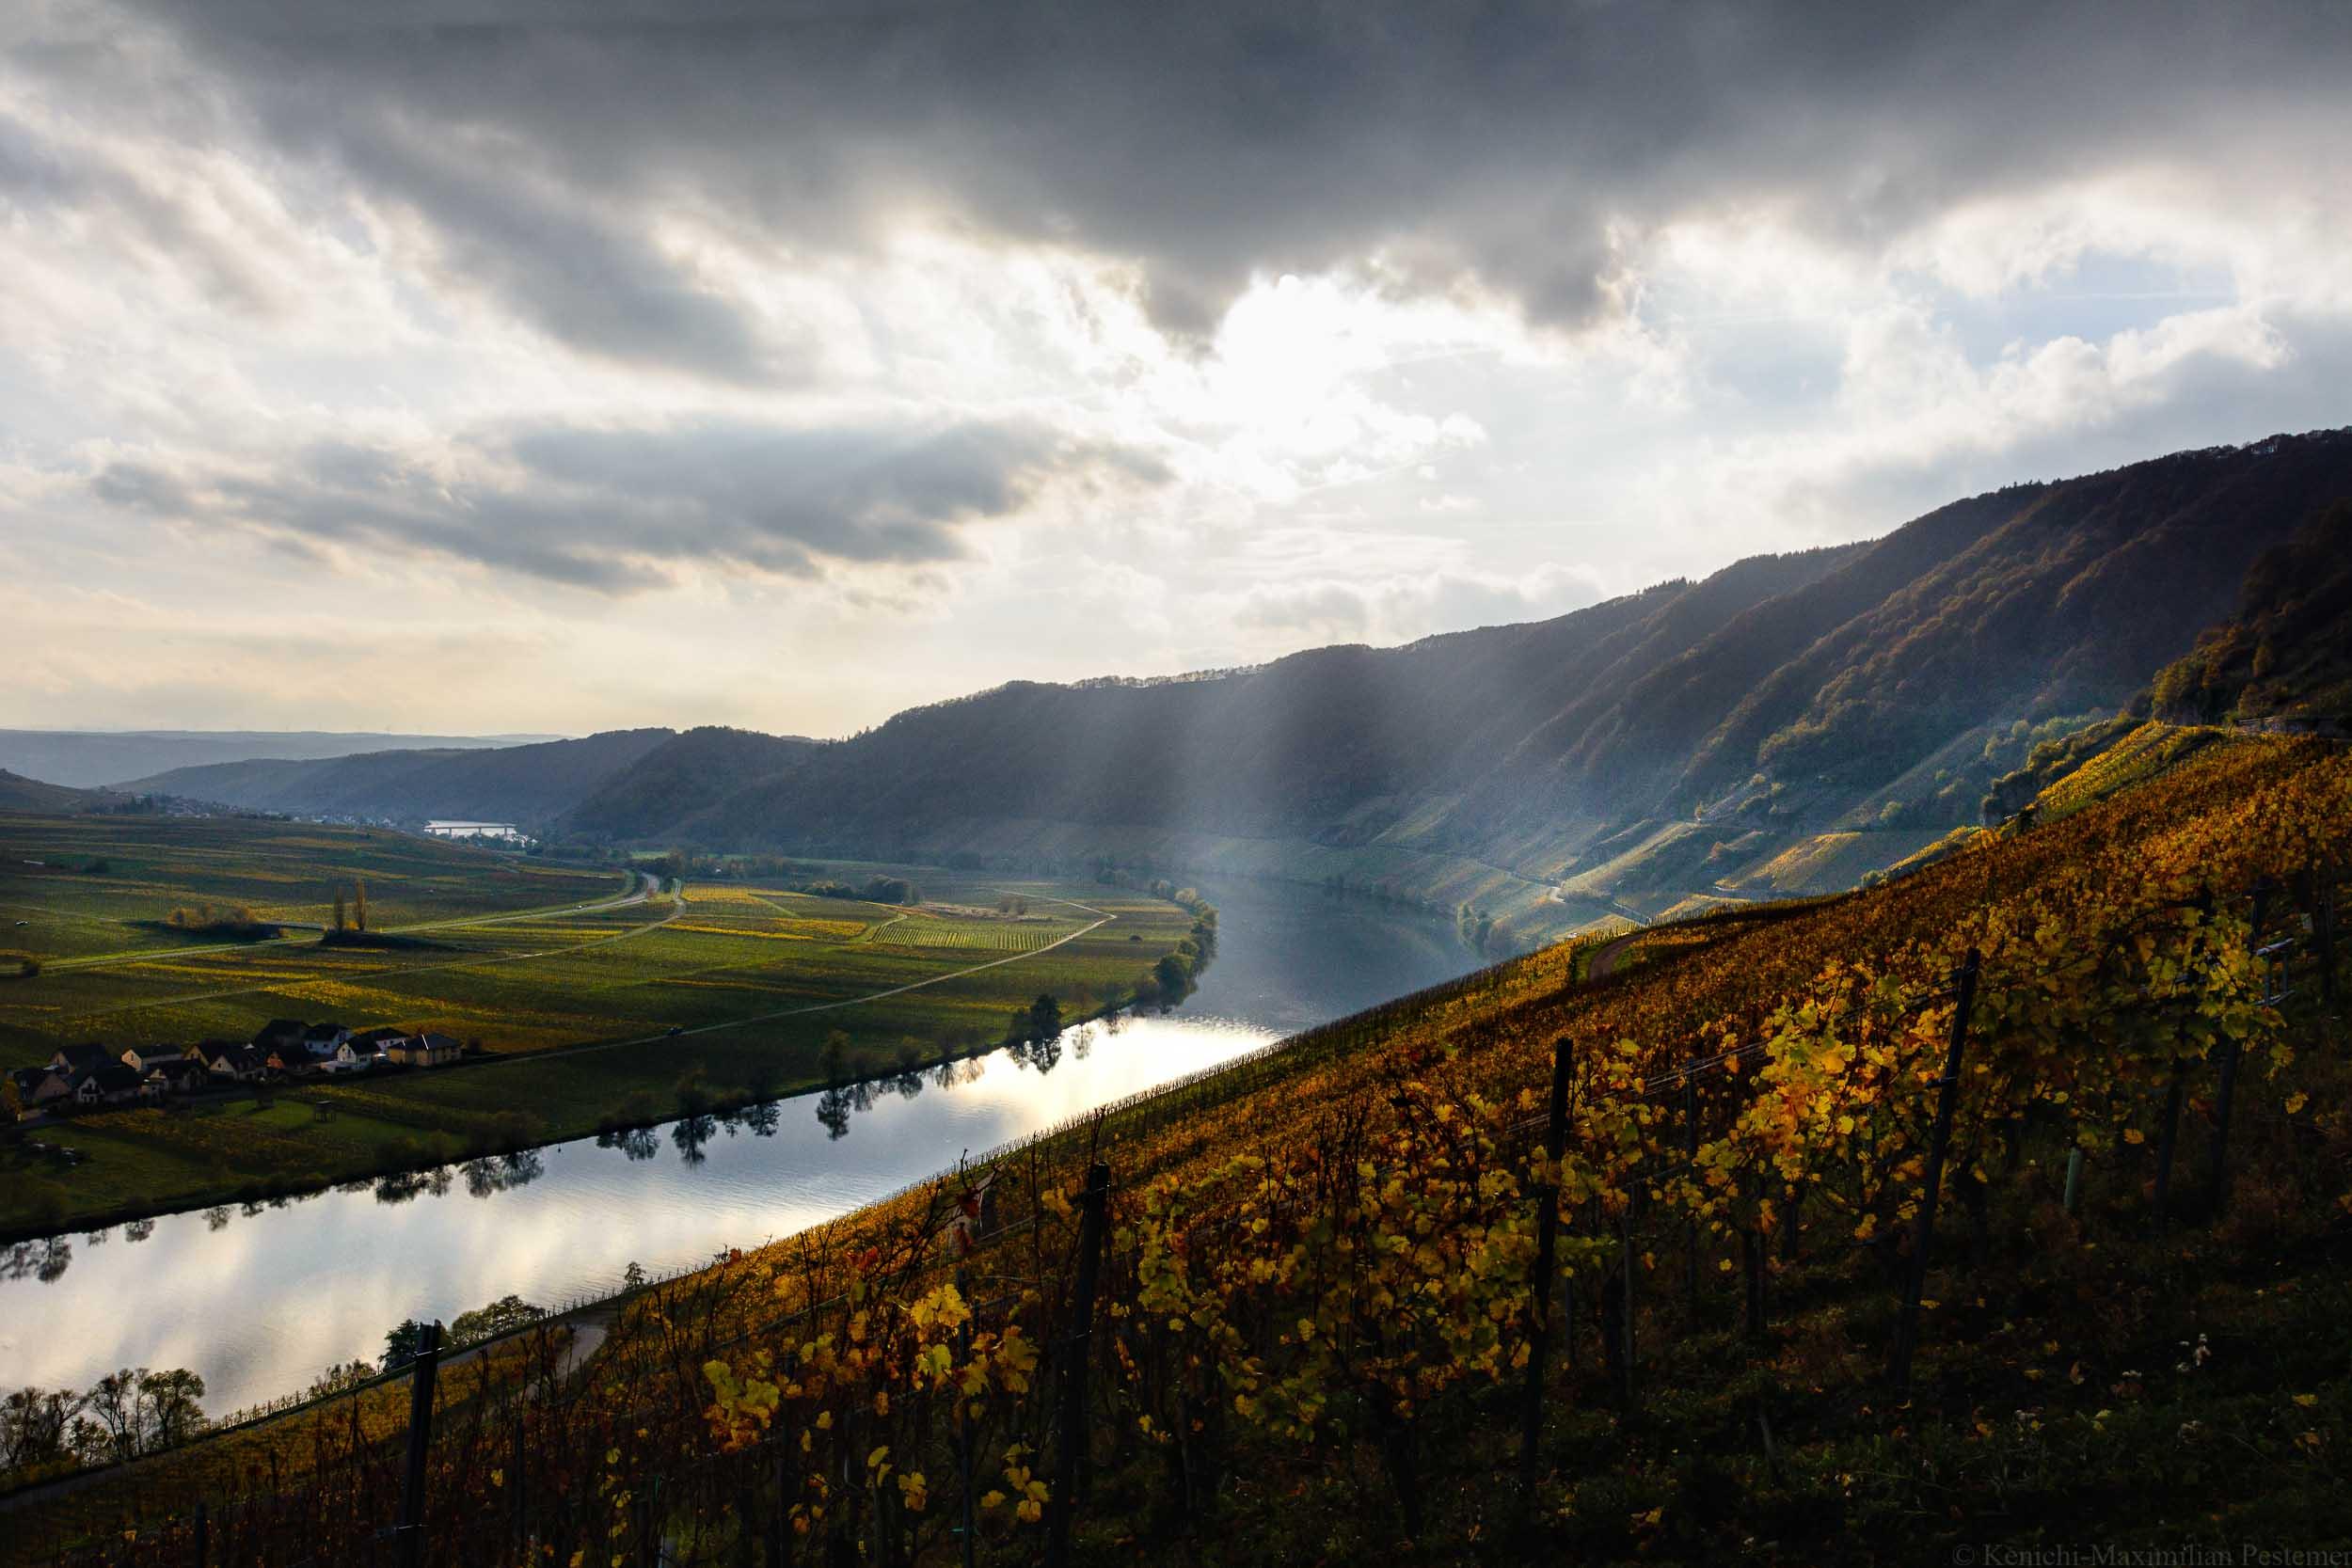 Piesporter Goldtröpfchen Weinberg am Ufer der Mosel im Herbst.